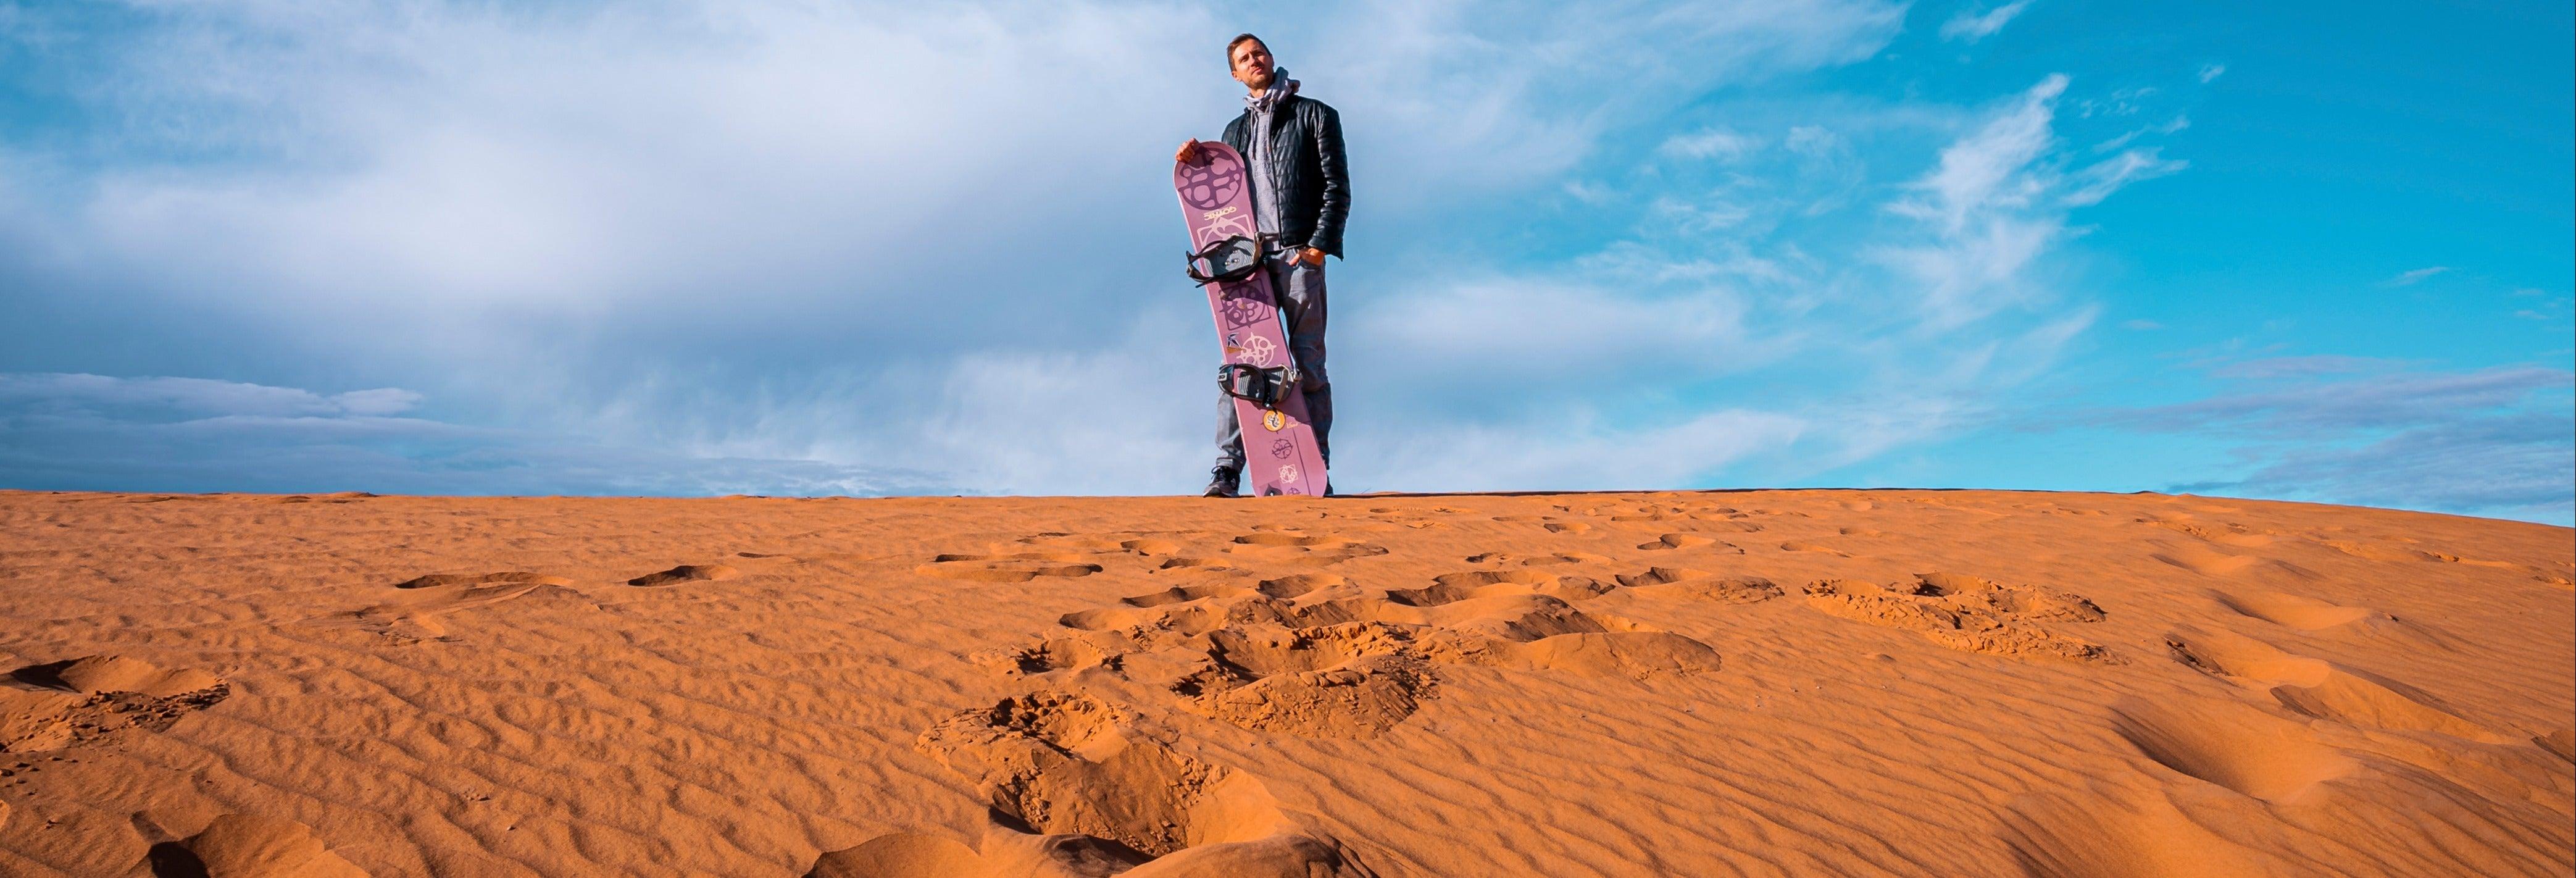 Sandboarding o sand skiing en Huacachina